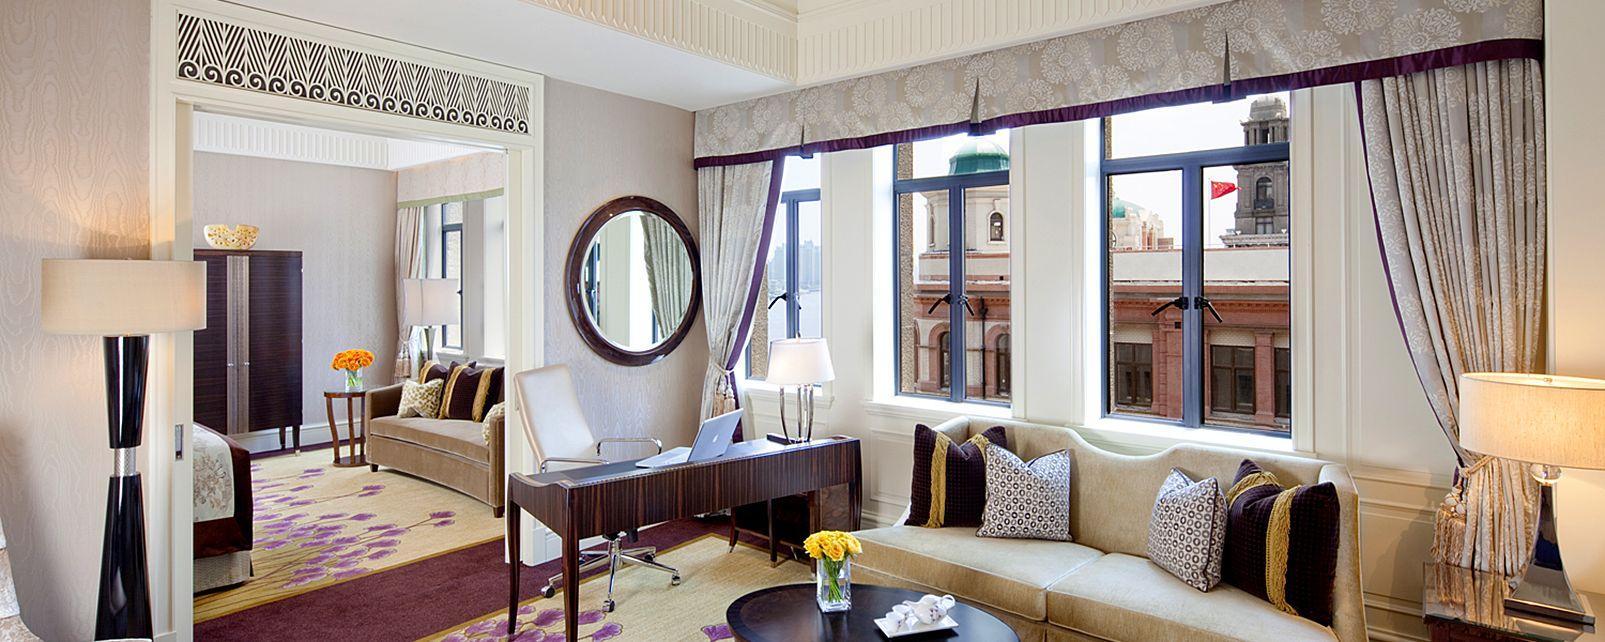 Hôtel Fairmont Peace Hotel